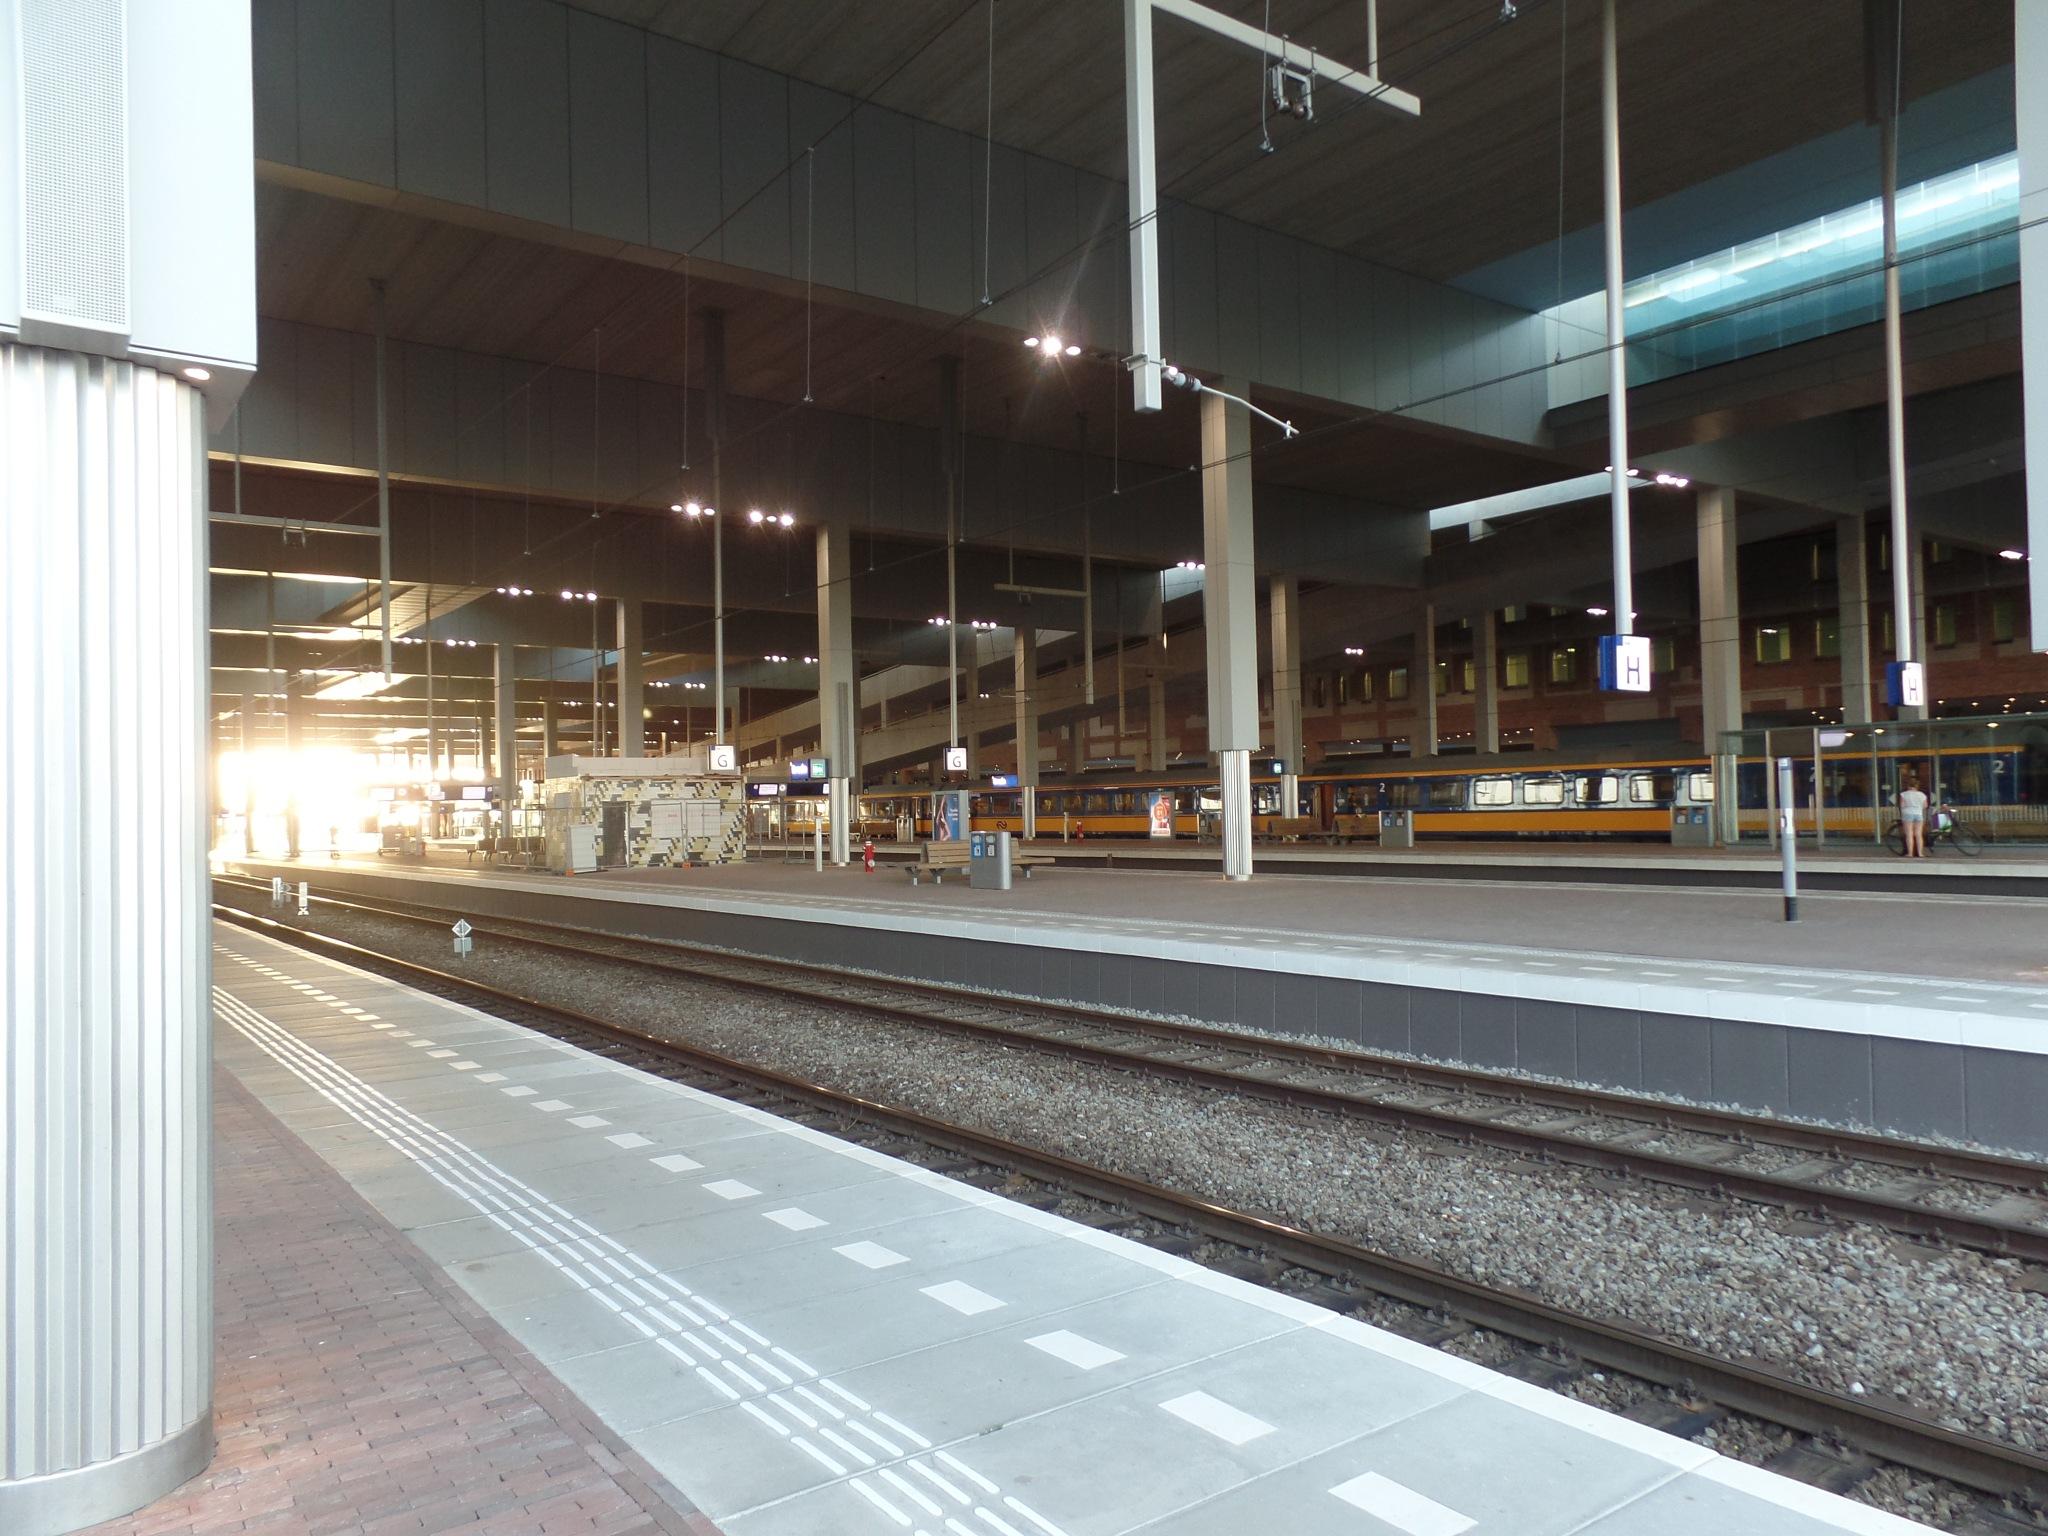 Station breda by ingrid1960